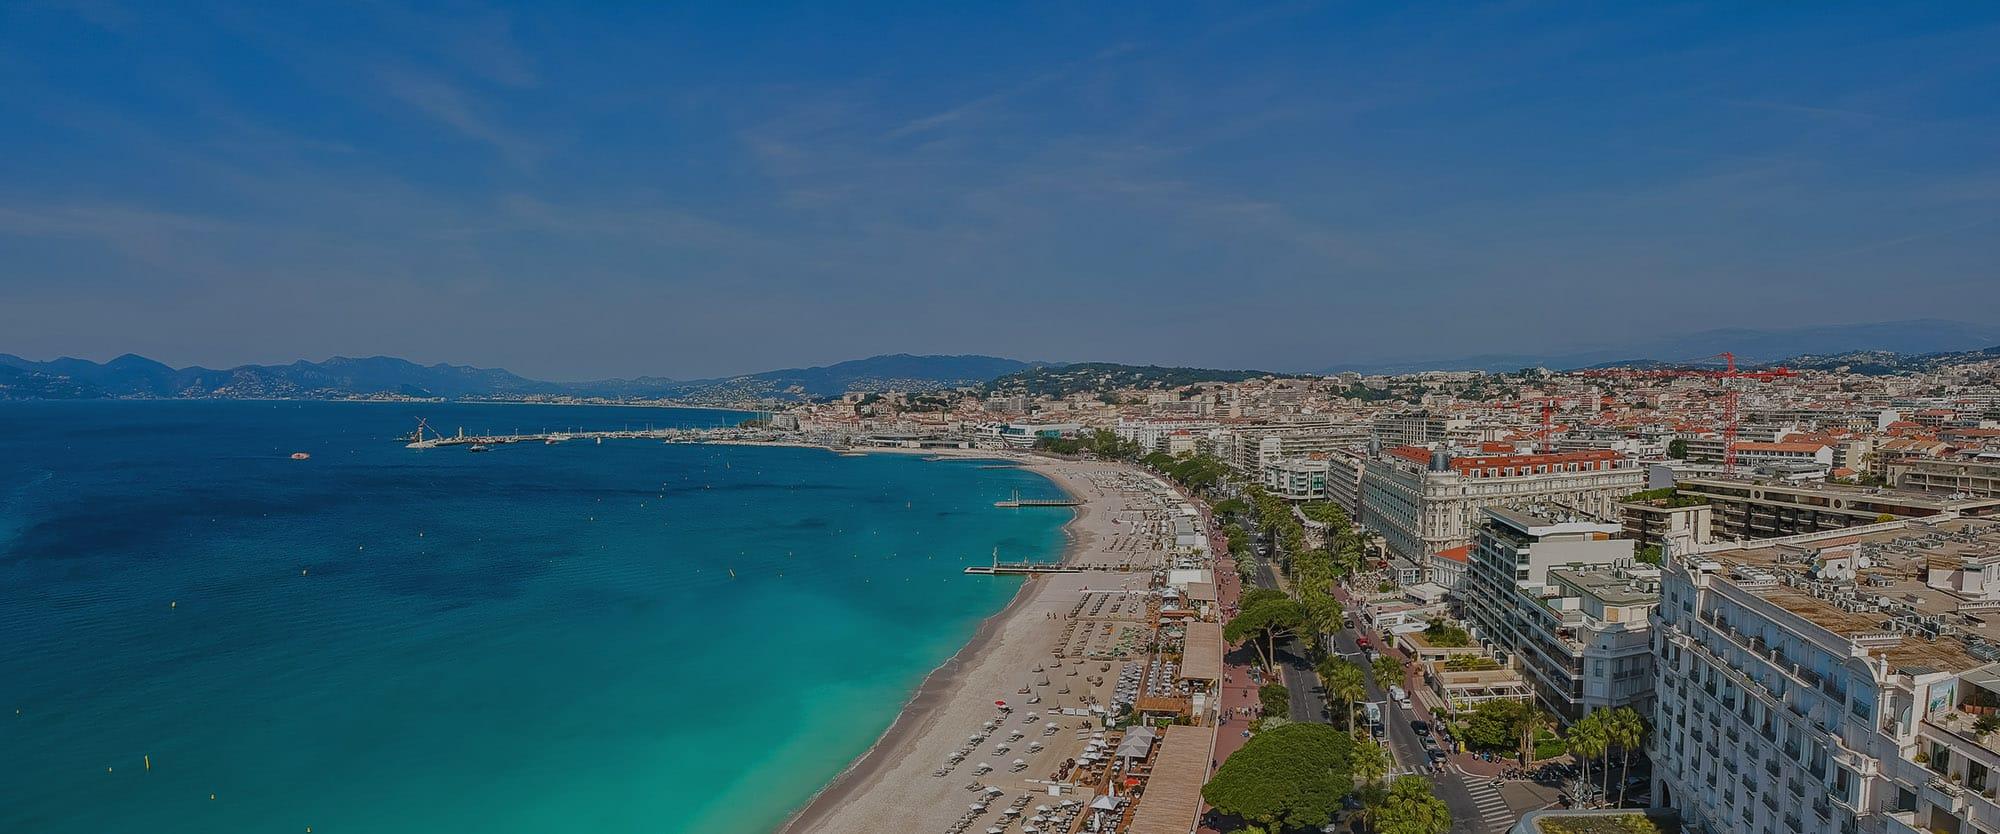 Panorama de Cannes, Côte d'Azur, Sud de la France